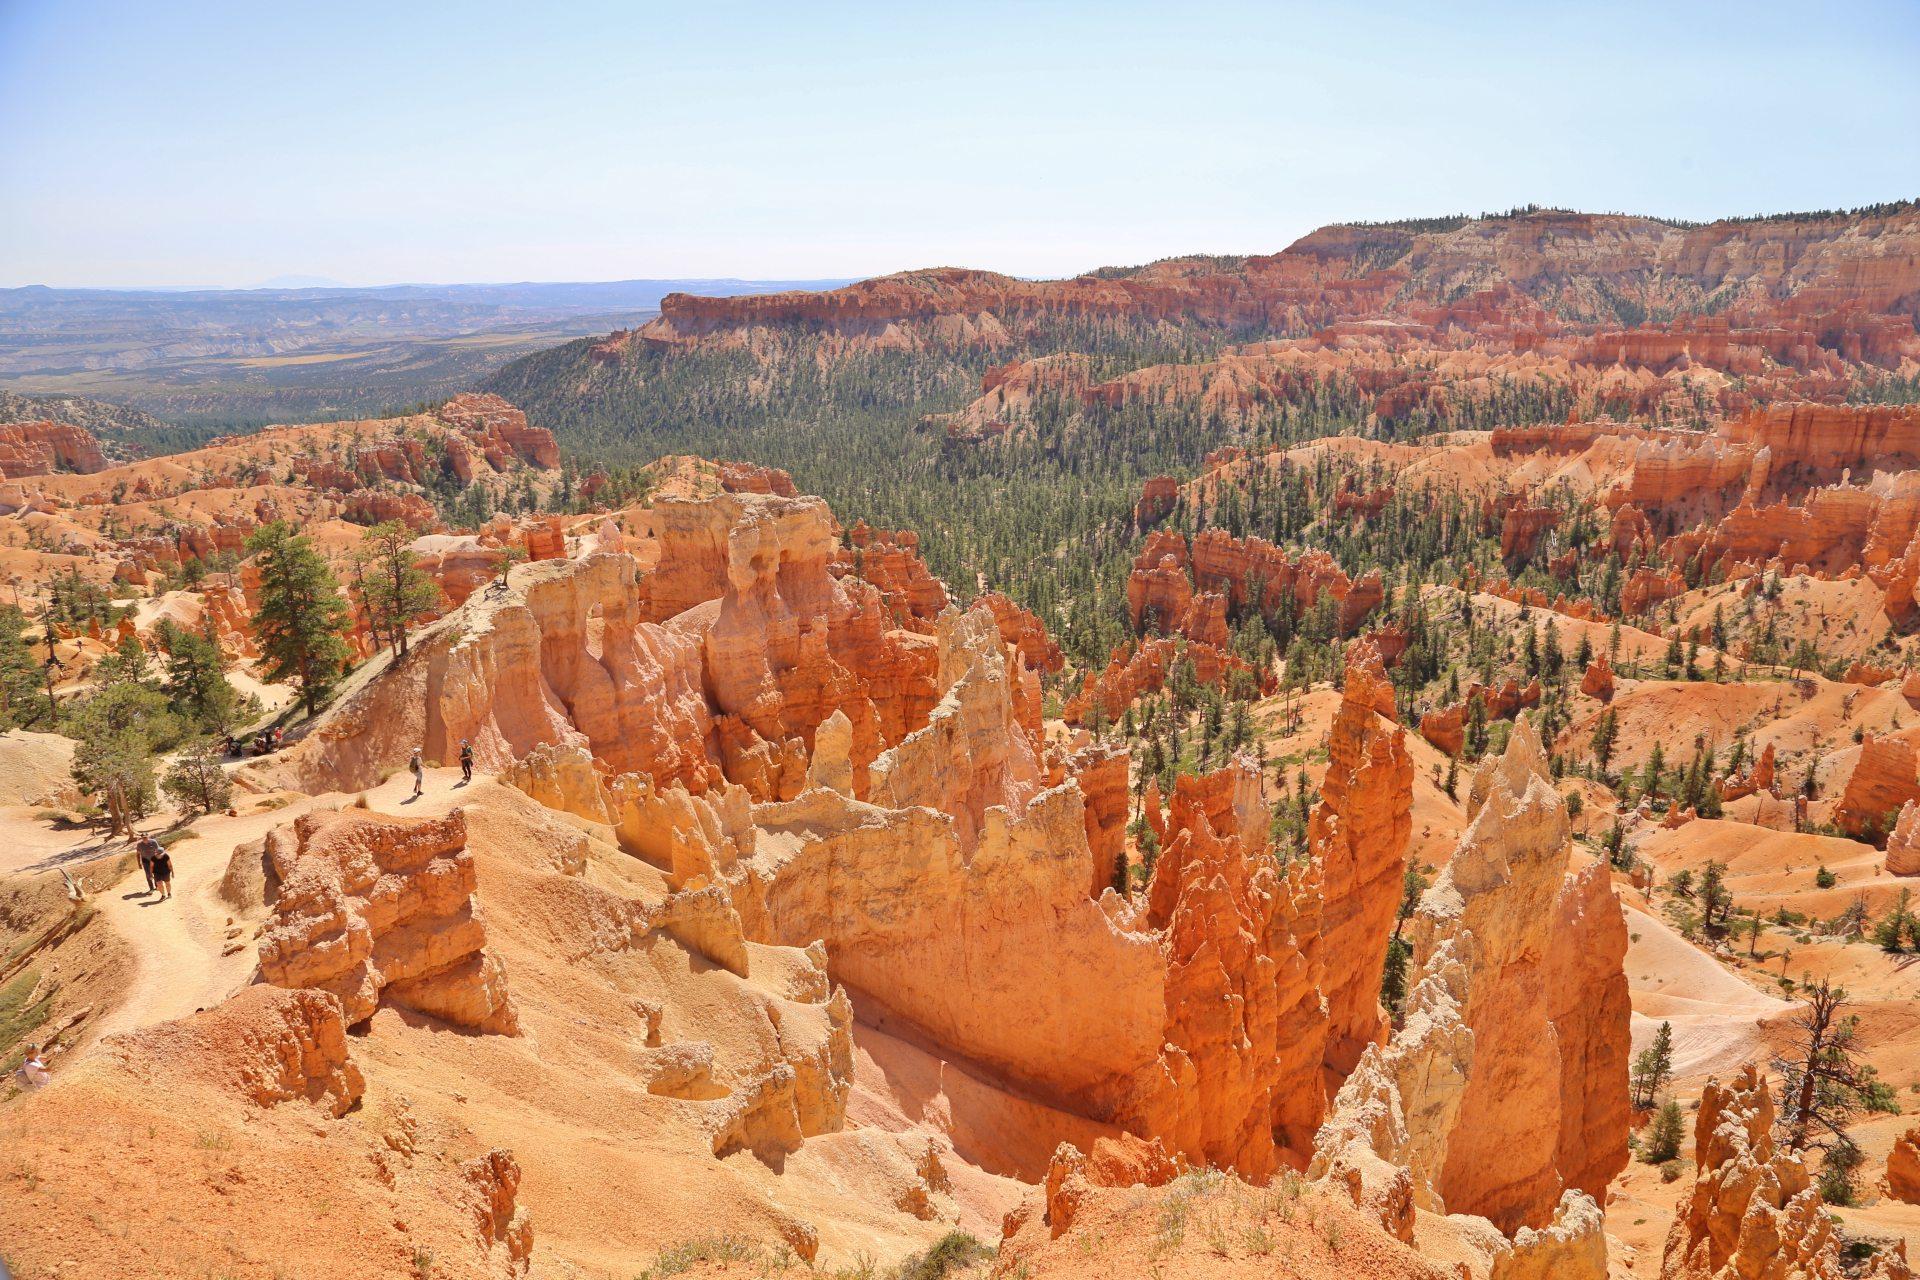 Ein von Wind und Wetter geformtes fragiles Kunstwerk - Aussicht, Bryce Canyon National Park, Canyon, Erosion, farbenfroh, Felsnadeln, Felstürme, Fernsicht, Geologie, Gestein, Gesteinssäulen, Gesteinsschichten, Himmel, Hoodoos, Landschaft, malerisch, Monolithen, Natur, Panorama, Pfad, Queens Garden Trail, Sandstein, traumhaft, Utah, Wanderweg, Weg - (Bryce Canyon, Bryce, Utah, Vereinigte Staaten)